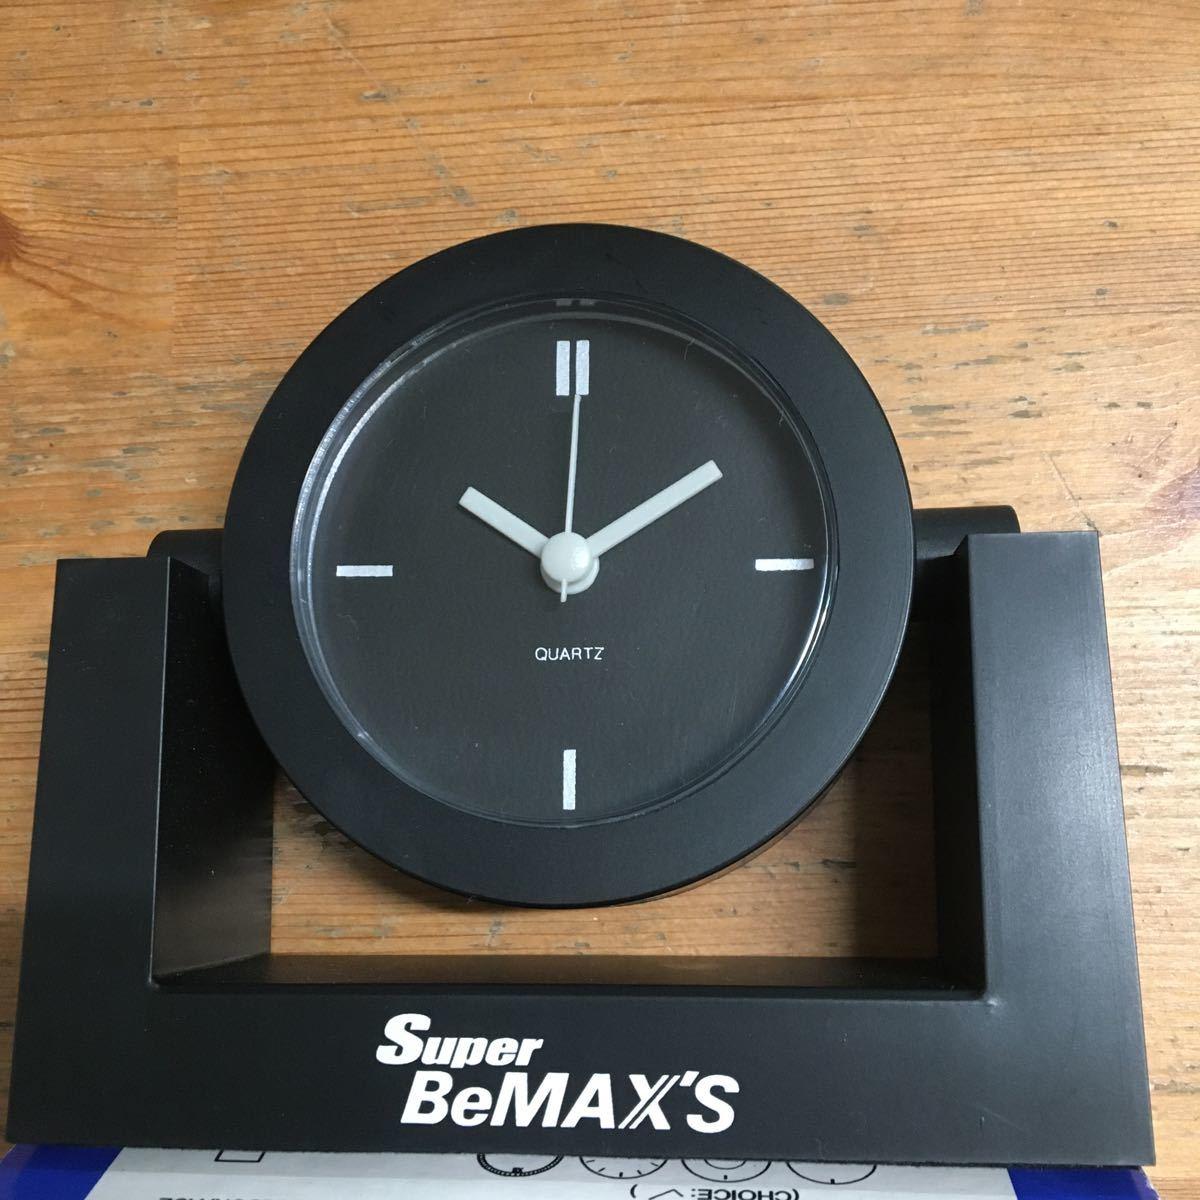 Super BeMAX'S ノベルティ 非売品 置時計 未使用品 デッドストック_画像2